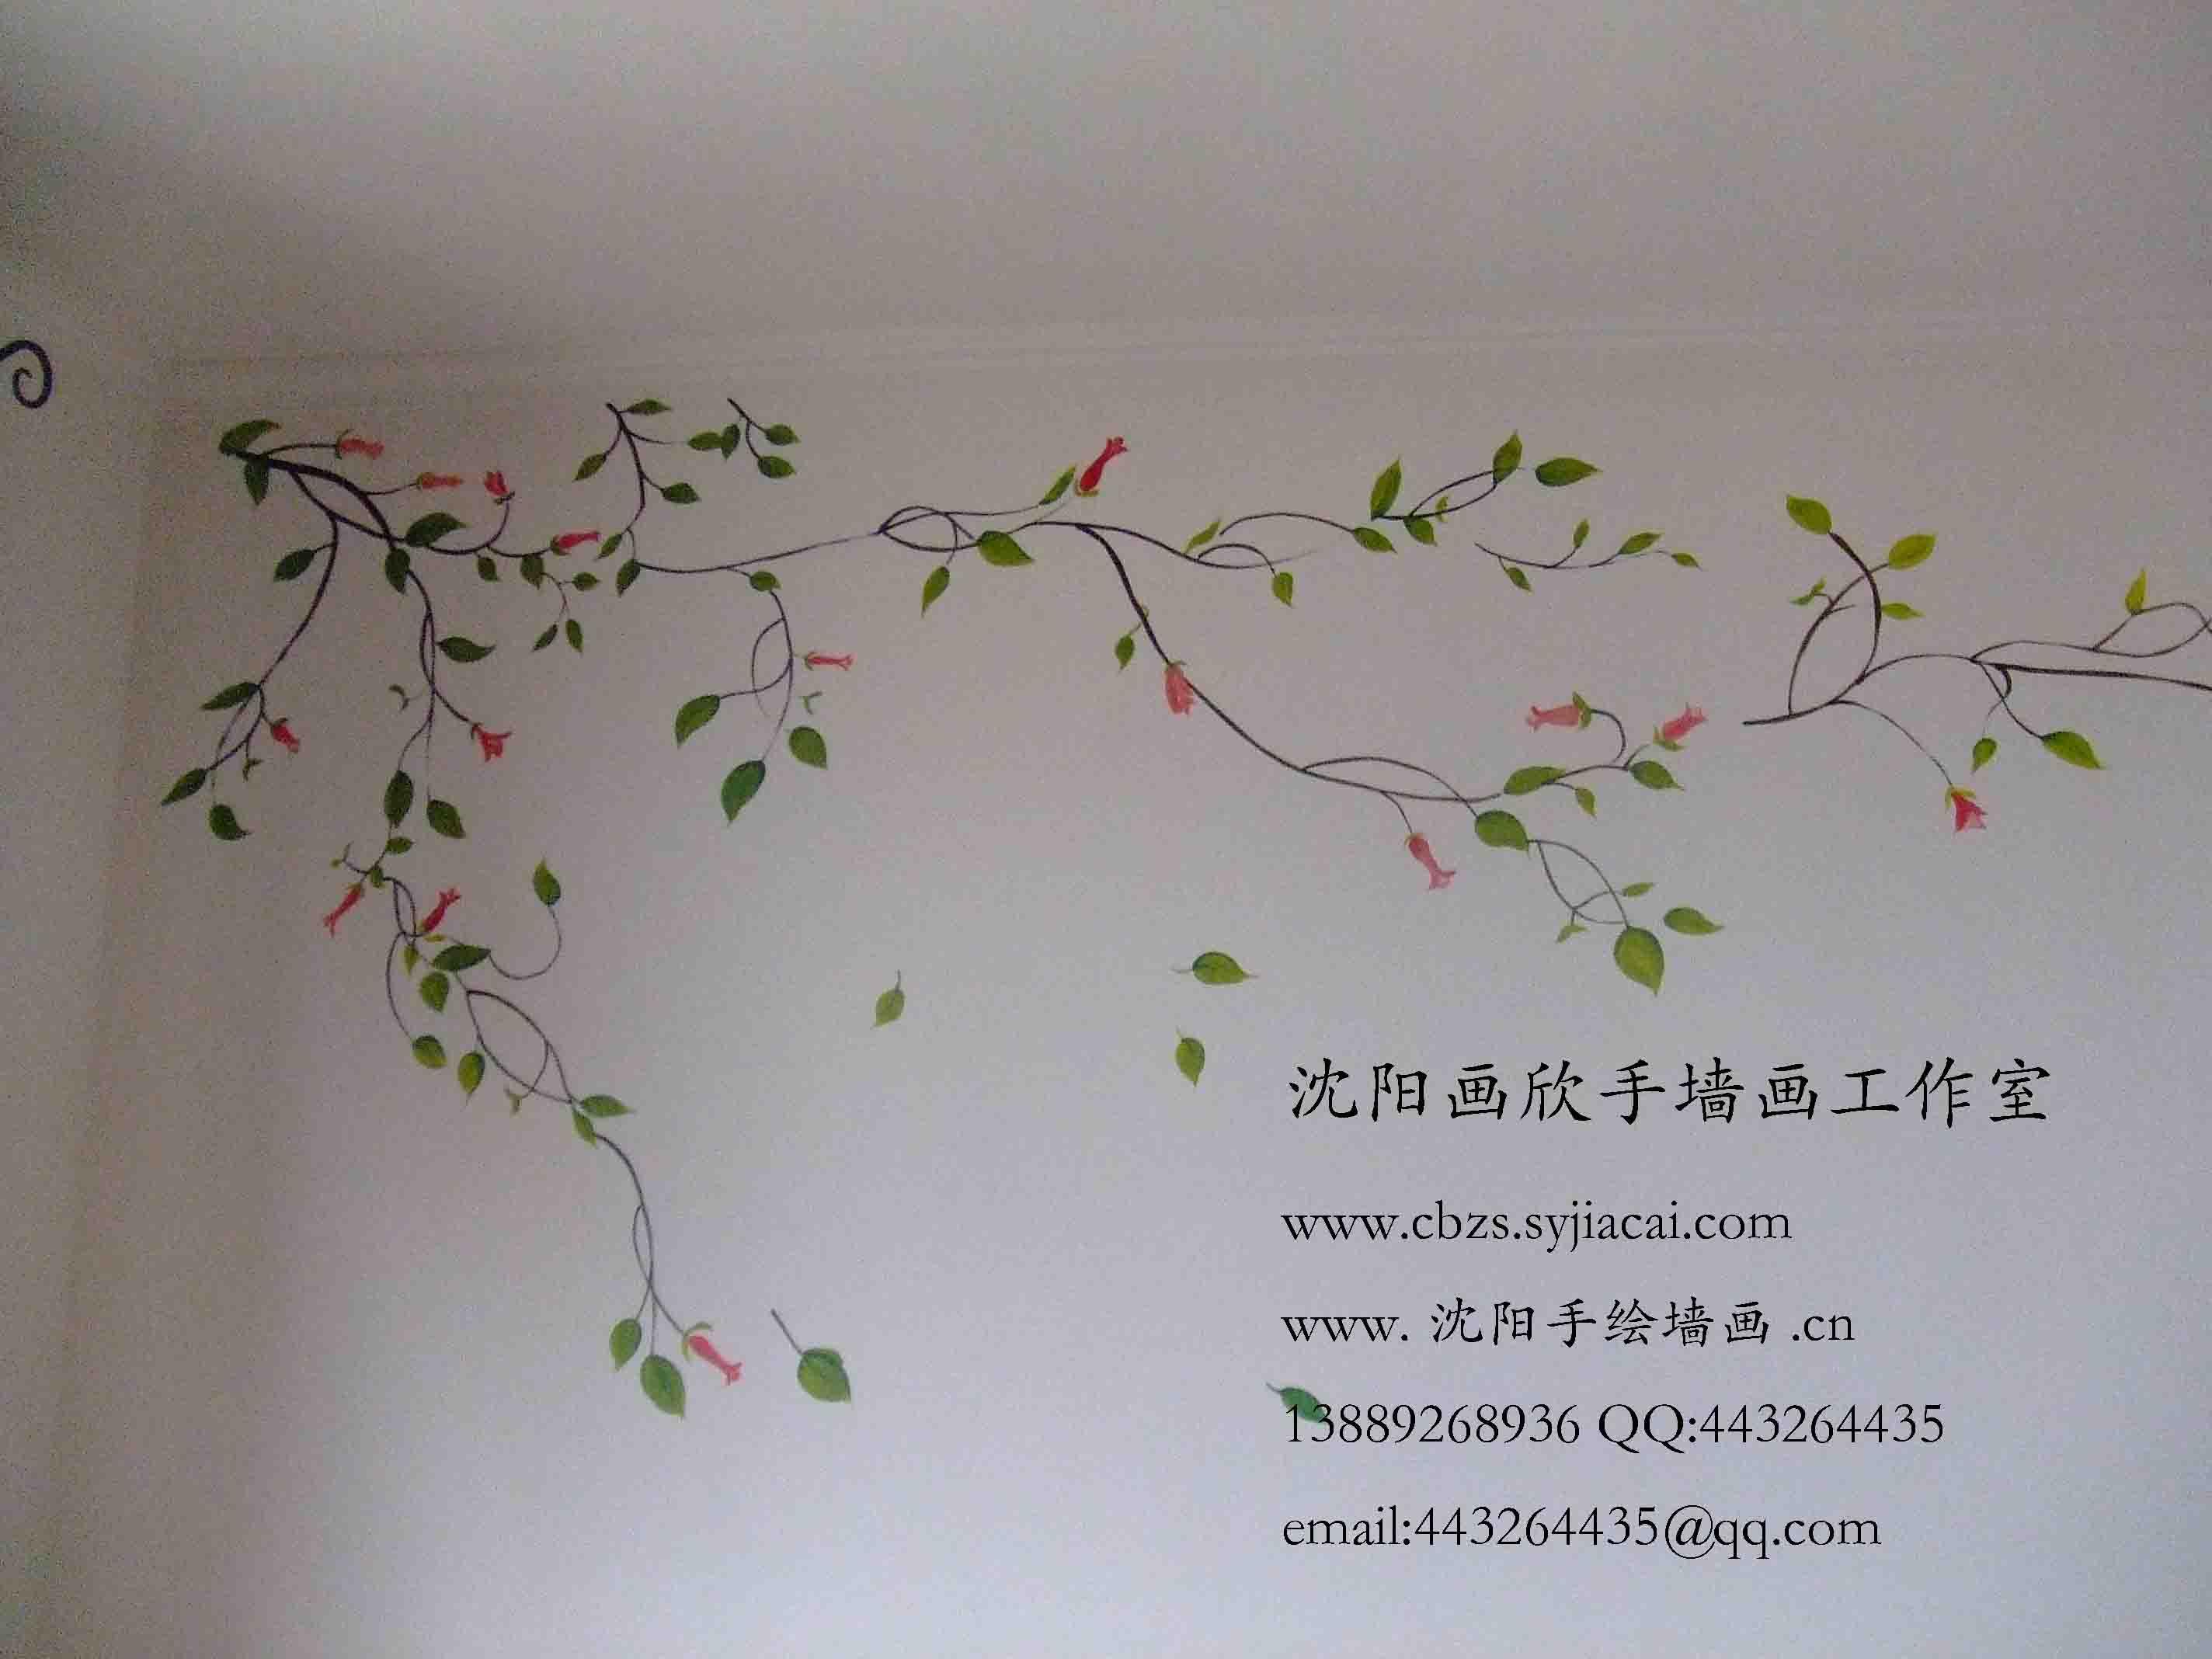 沈阳装饰画|沈阳手绘墙画|沈阳装饰字画|客厅装饰